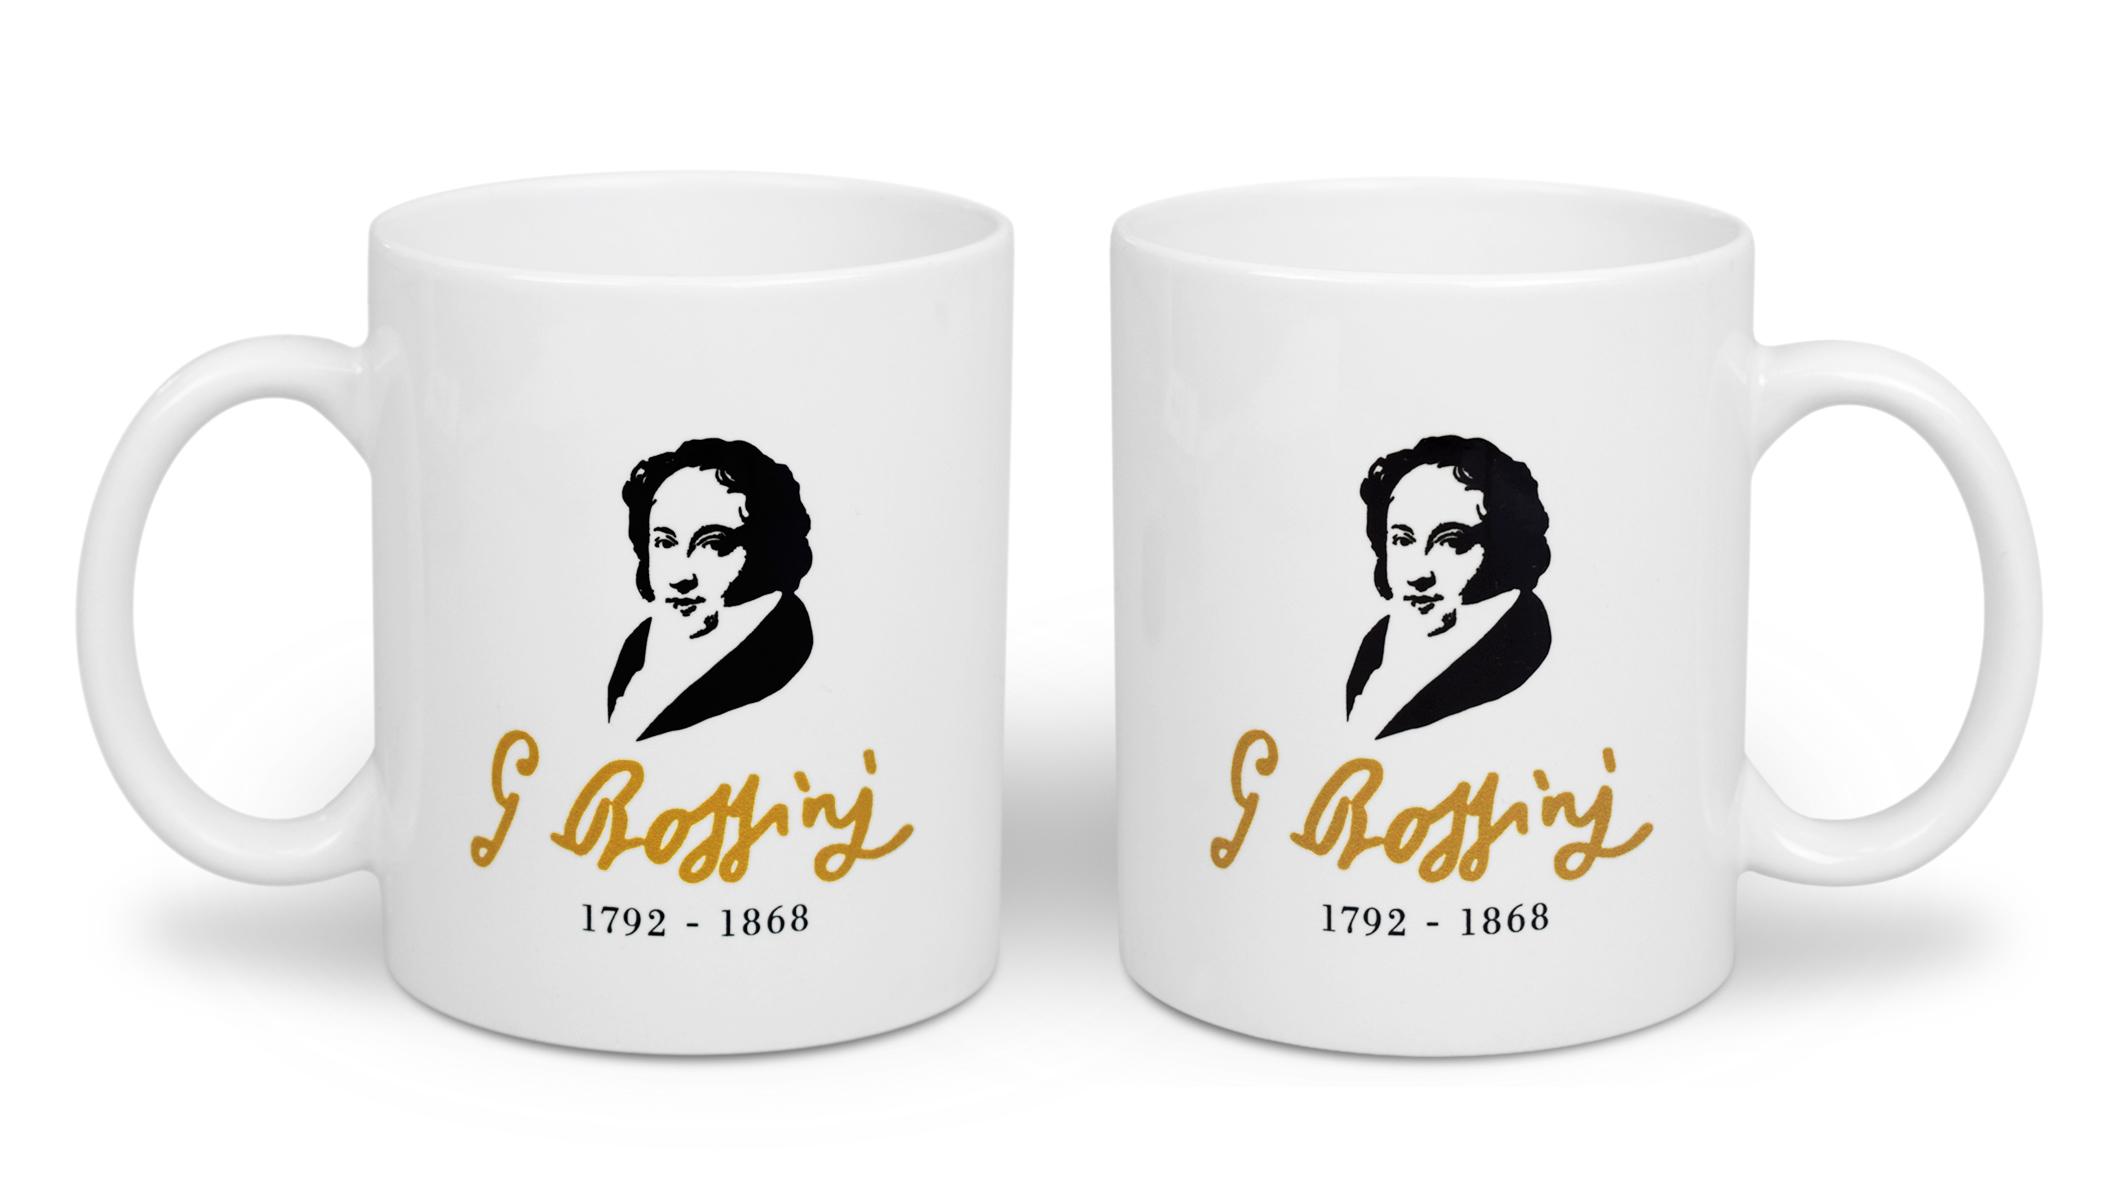 Tazza personalizzata La Scala shop per il 150° della morte di Rossini